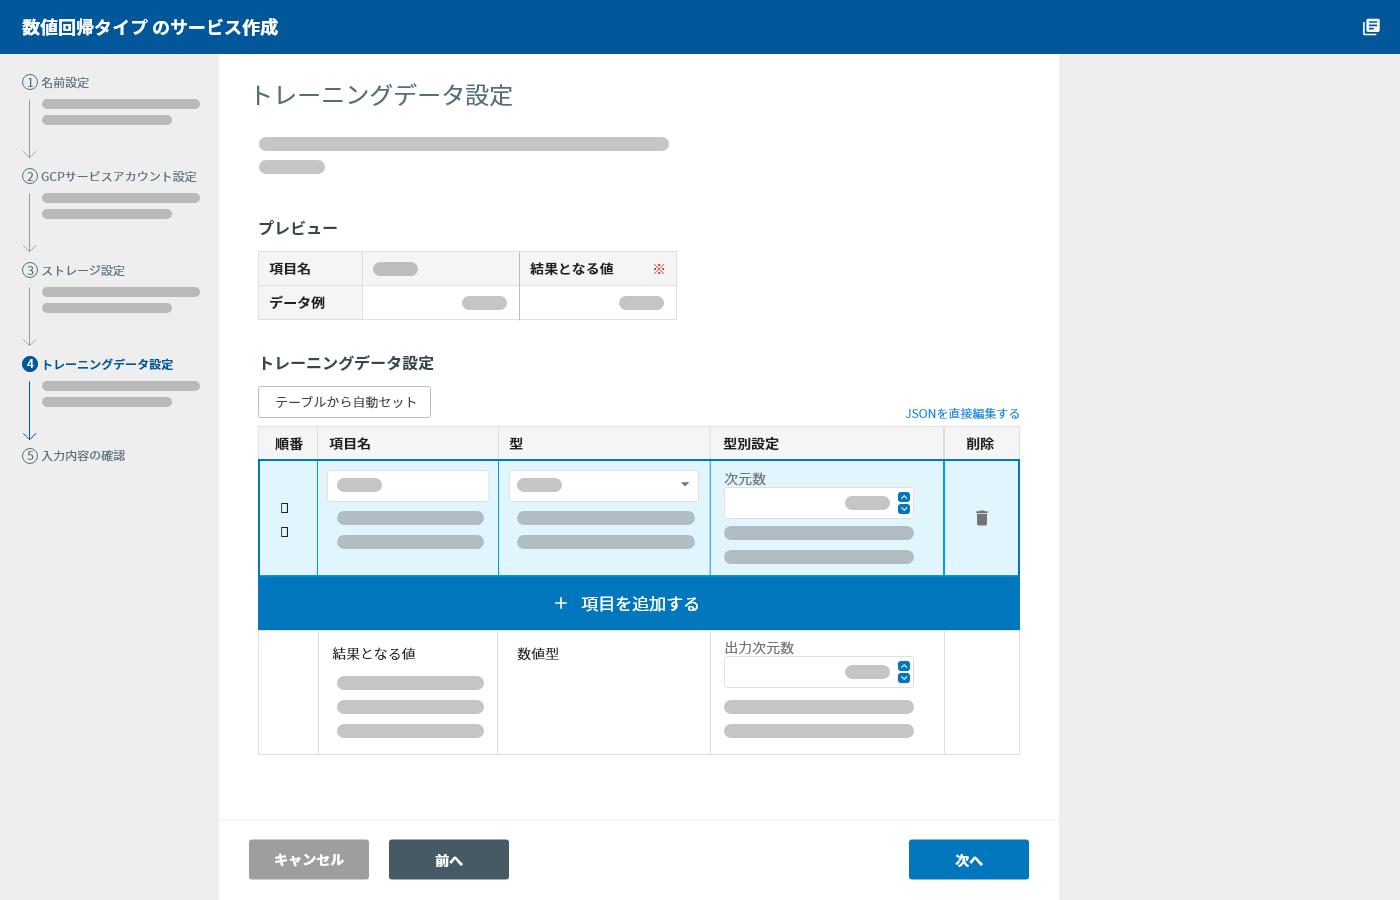 モデルジェネレーター(数値回帰タイプ)作成のトレーニングデータ設定画面